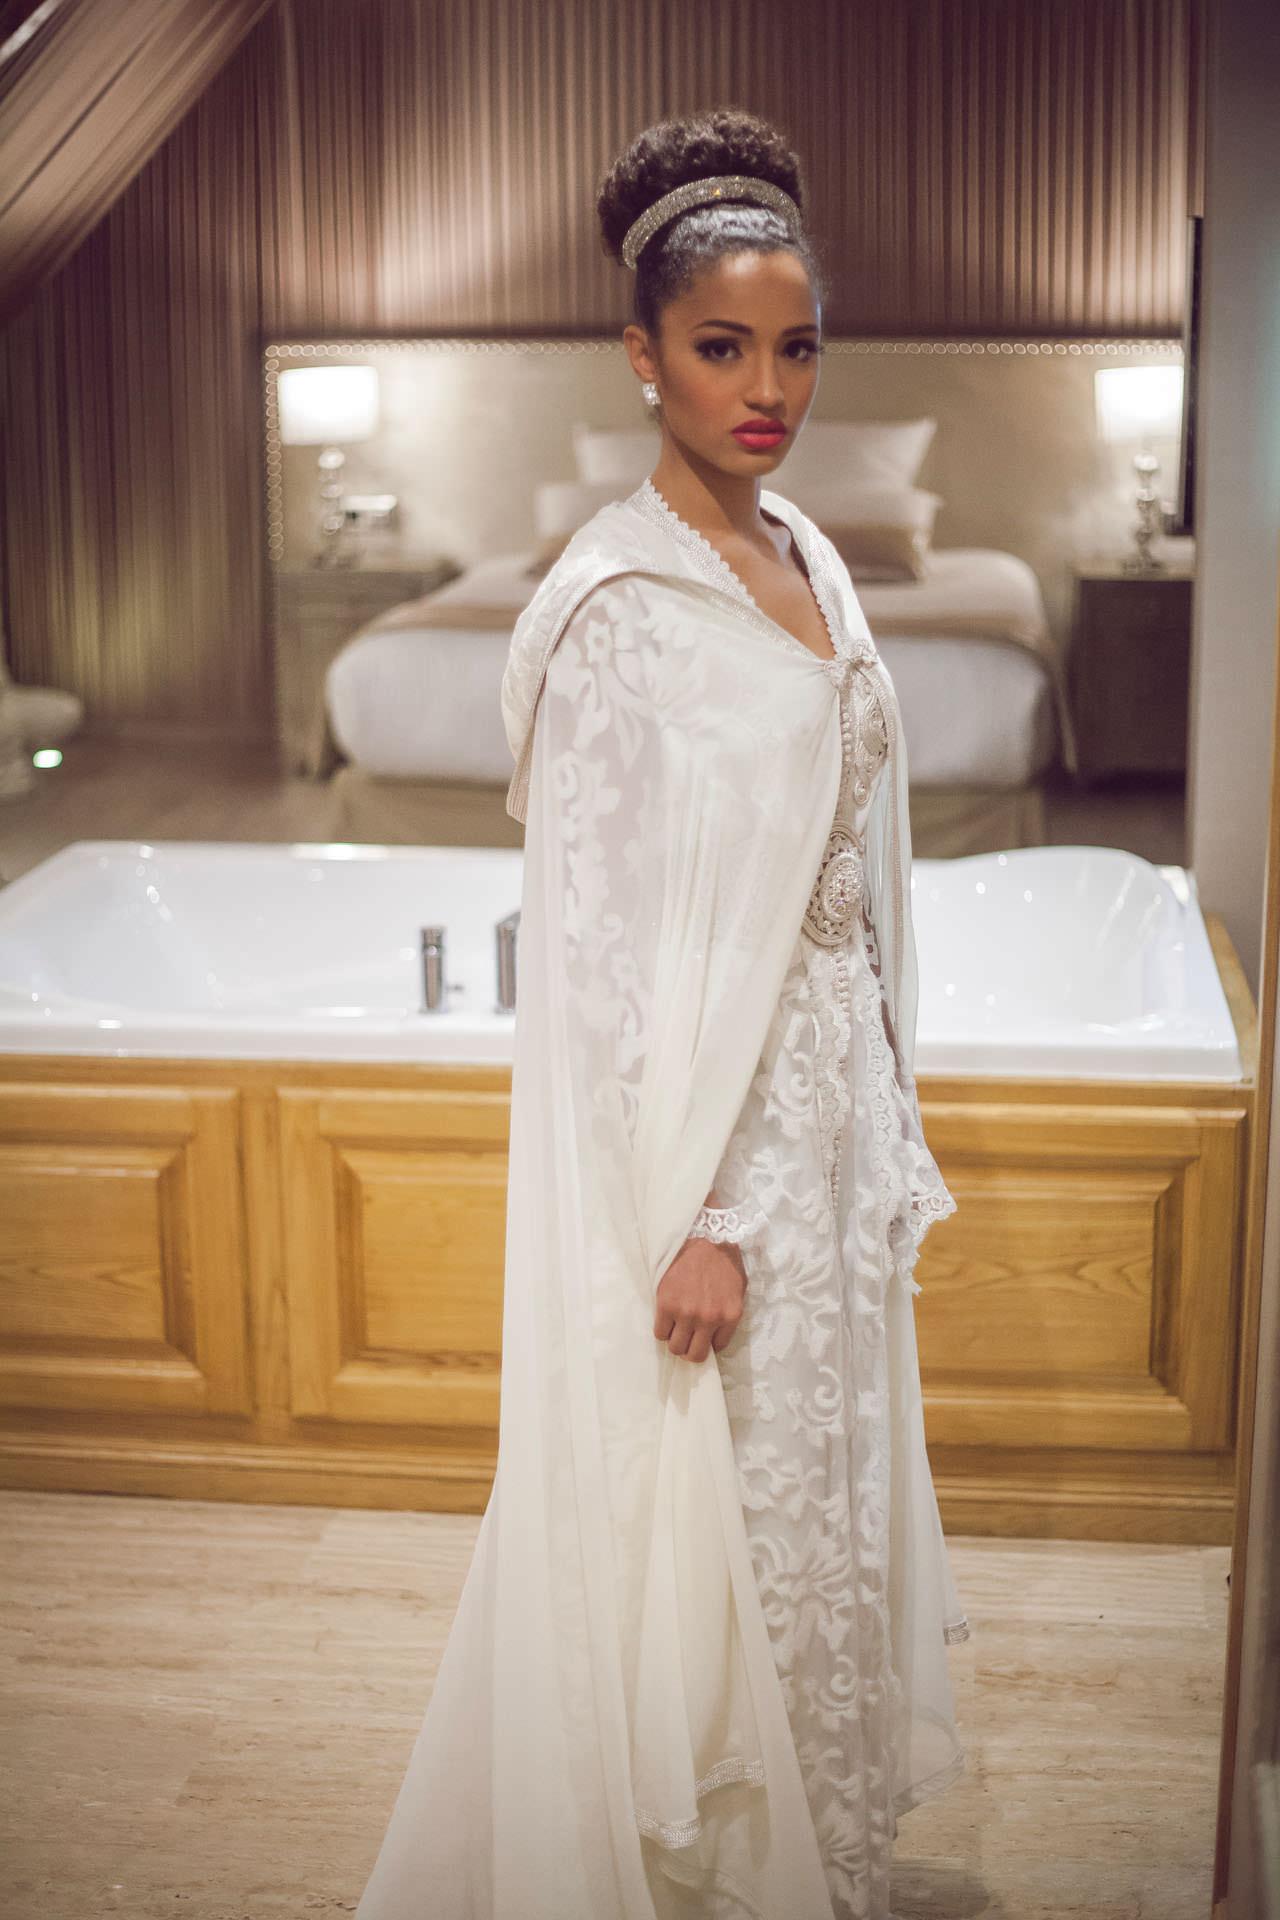 2016-01-25 - Robe Orient - Clos des Vignes - 4184 - 1920px